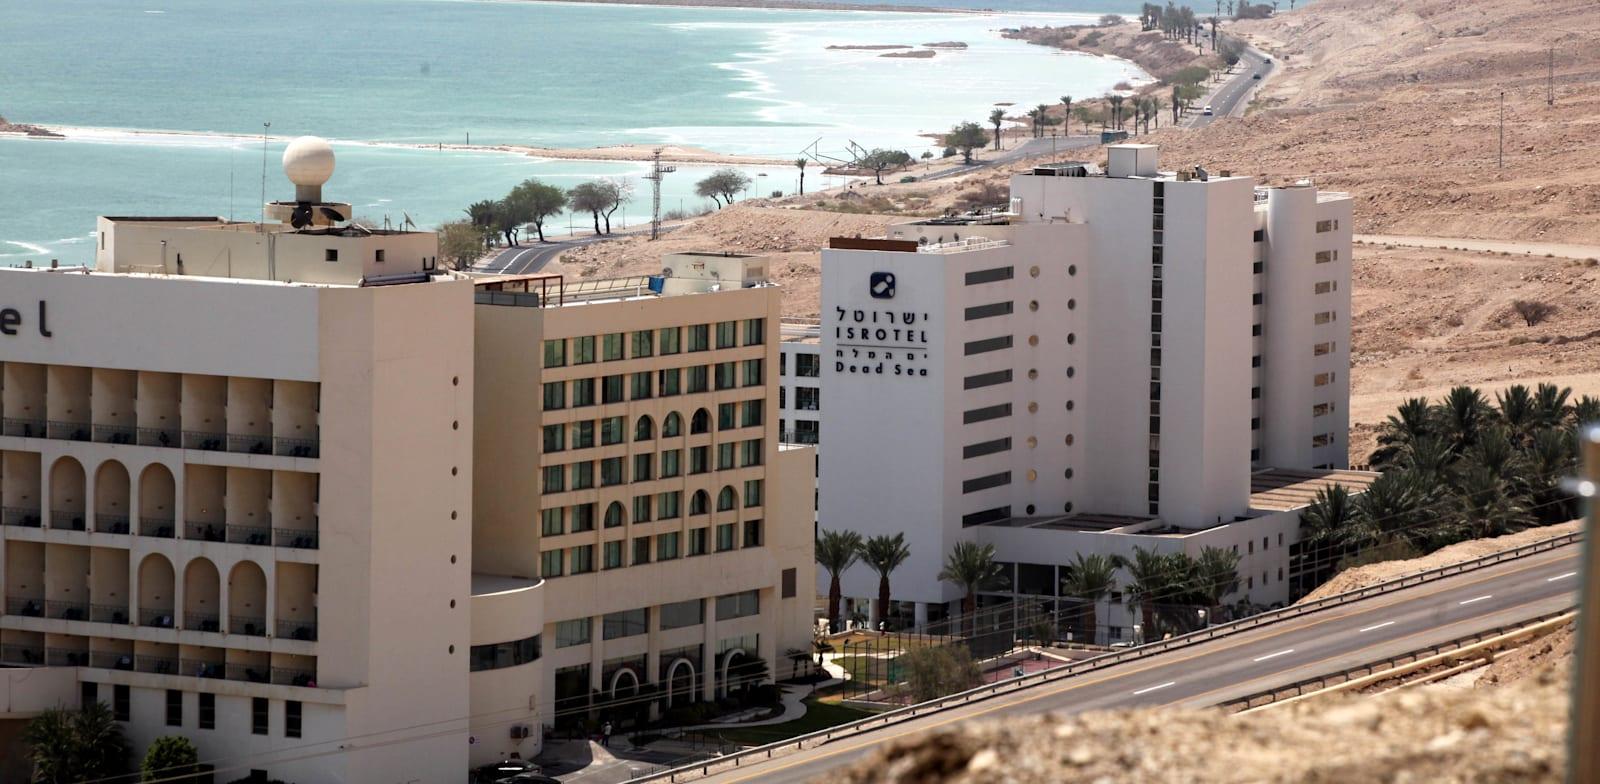 בתי מלון בים המלח. ייפתחו עוד השבוע? / צילום: יוסי זמיר